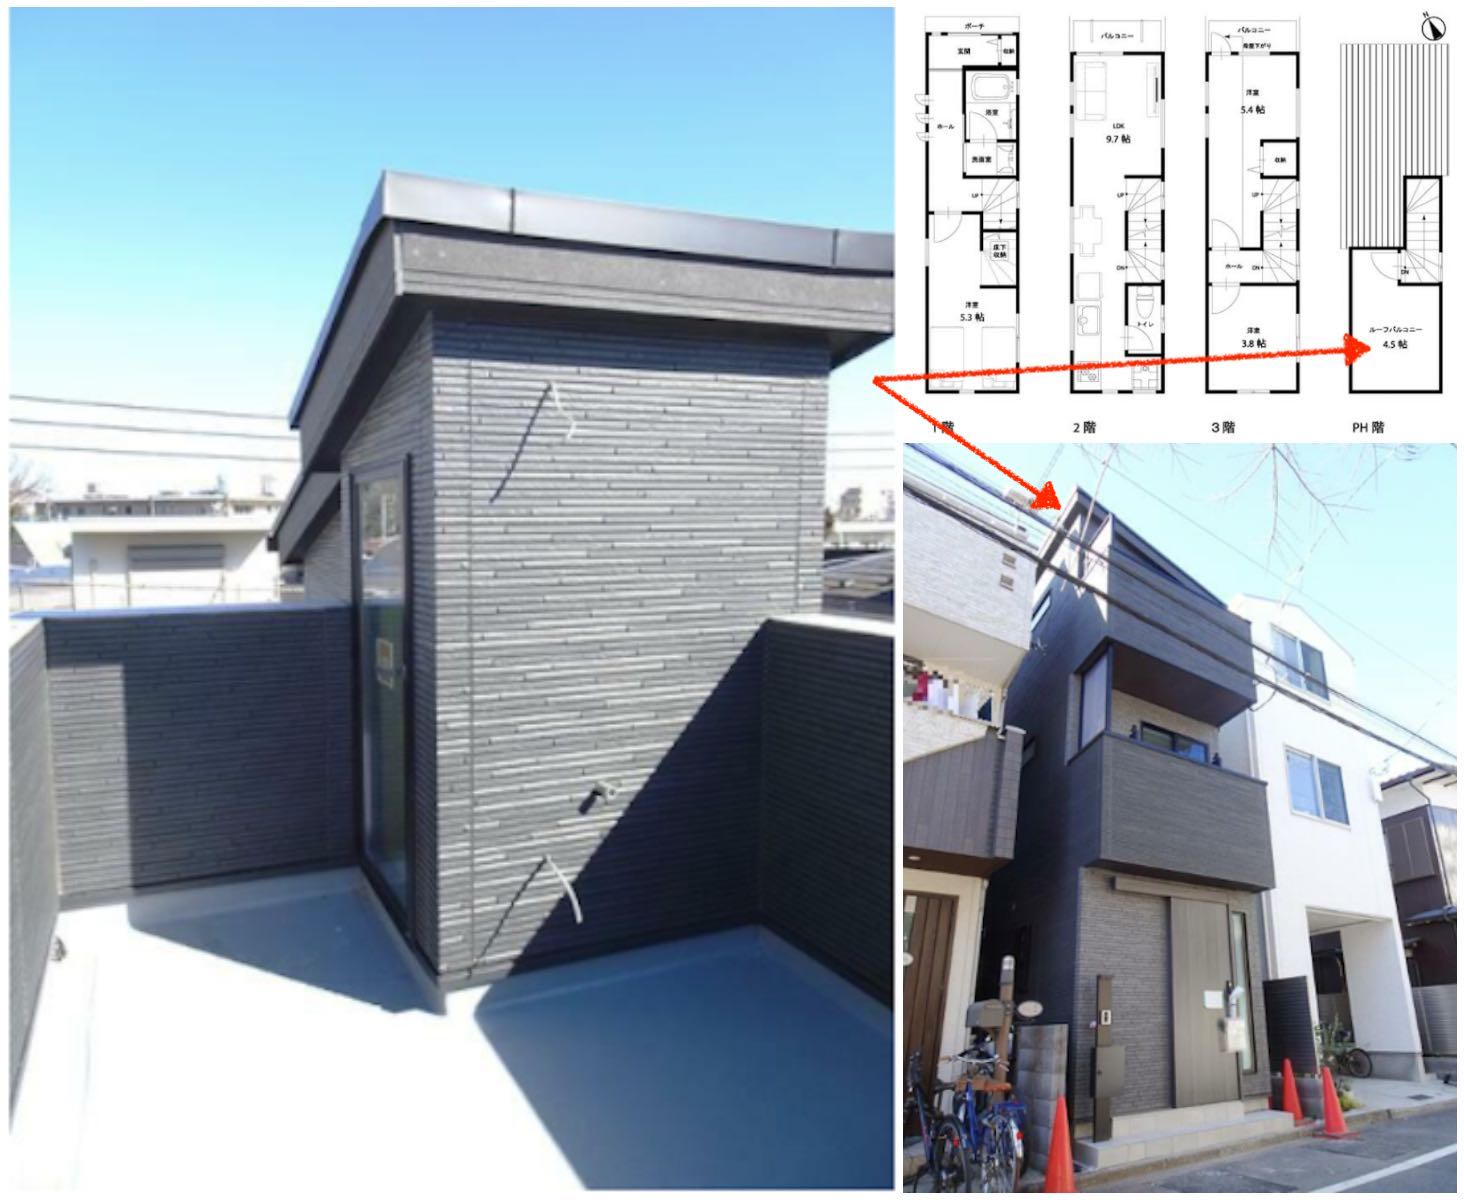 日本陽台種類-バルコニー屋頂陽台